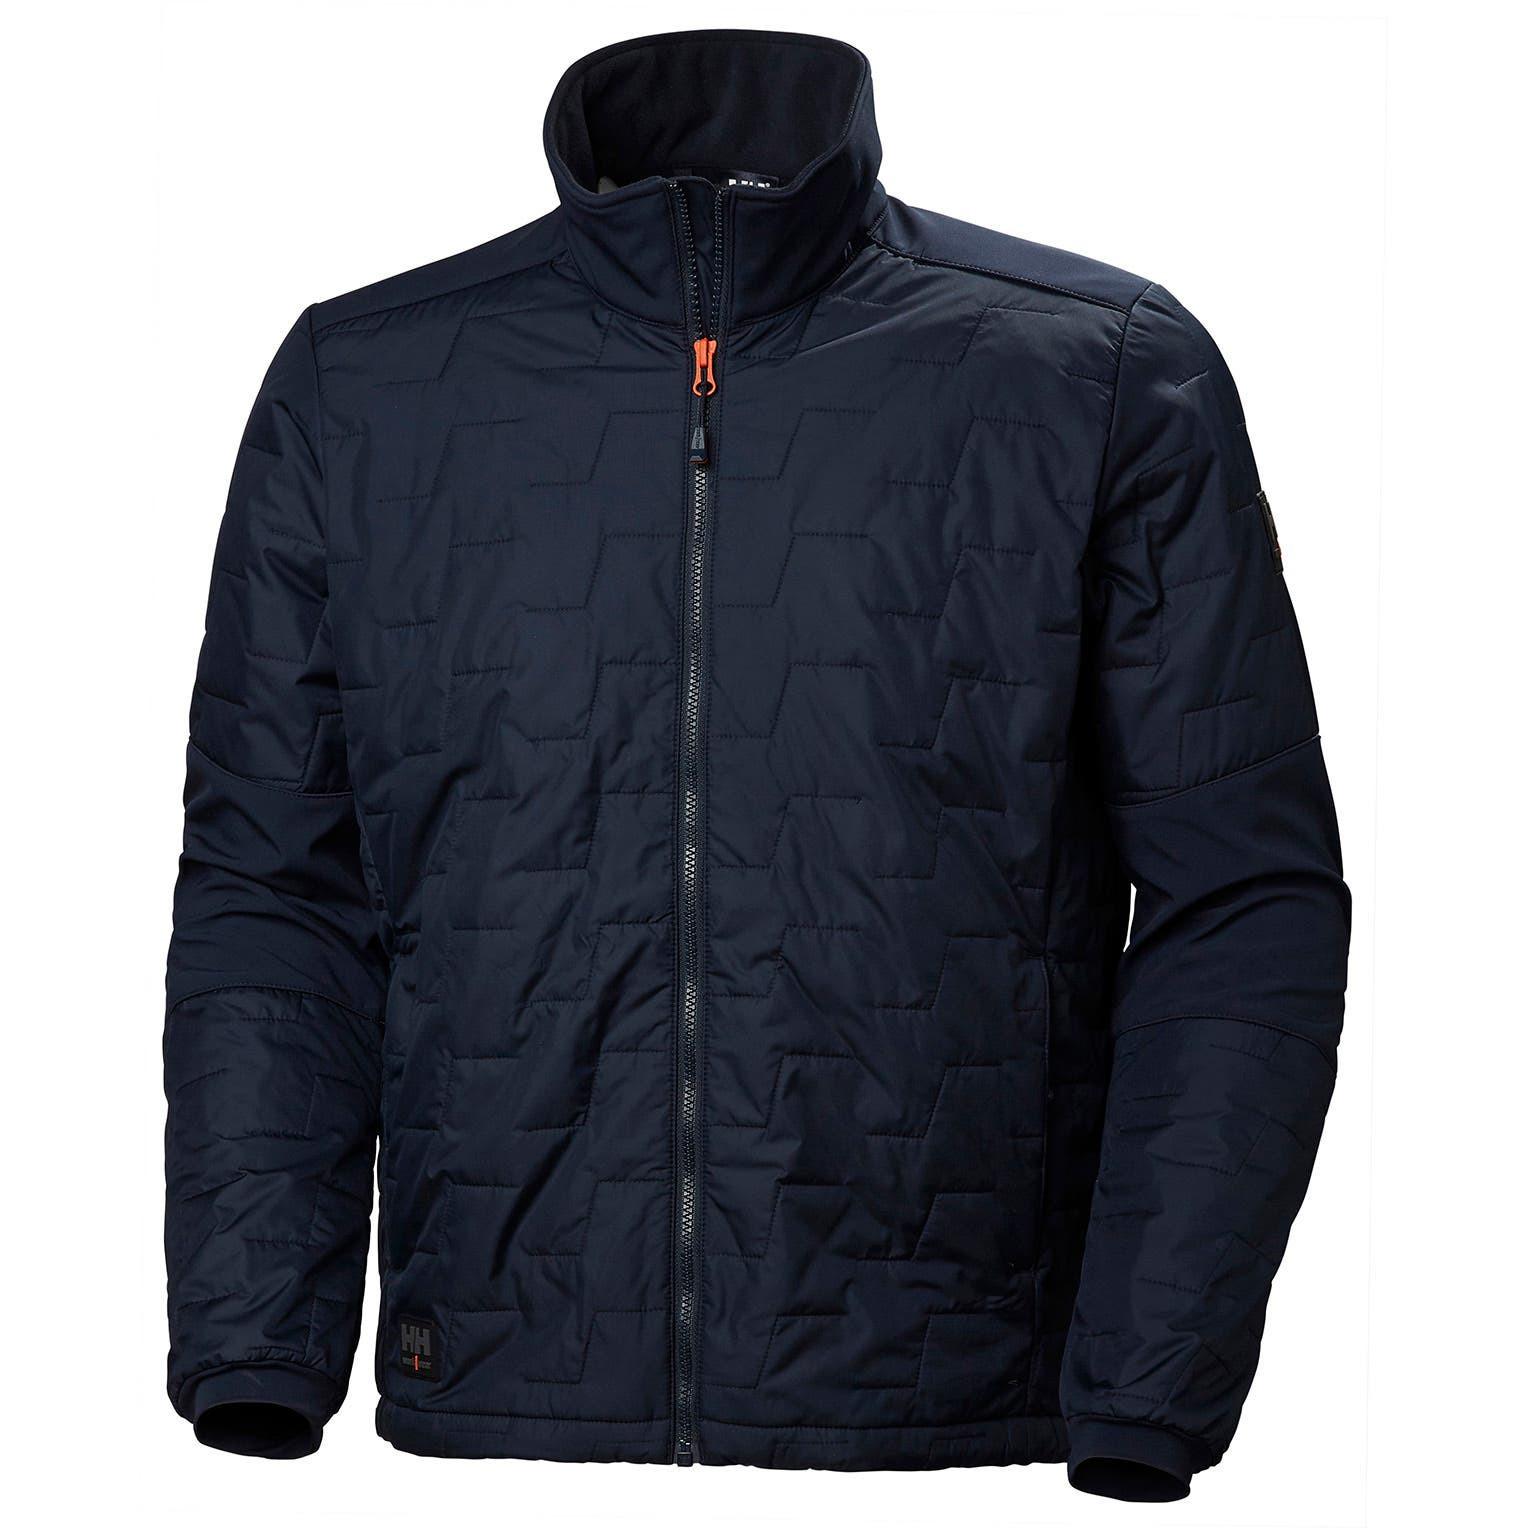 Куртка Helly Hansen Kensington Lifaloft Jacket - 73231 (Navy; XL)